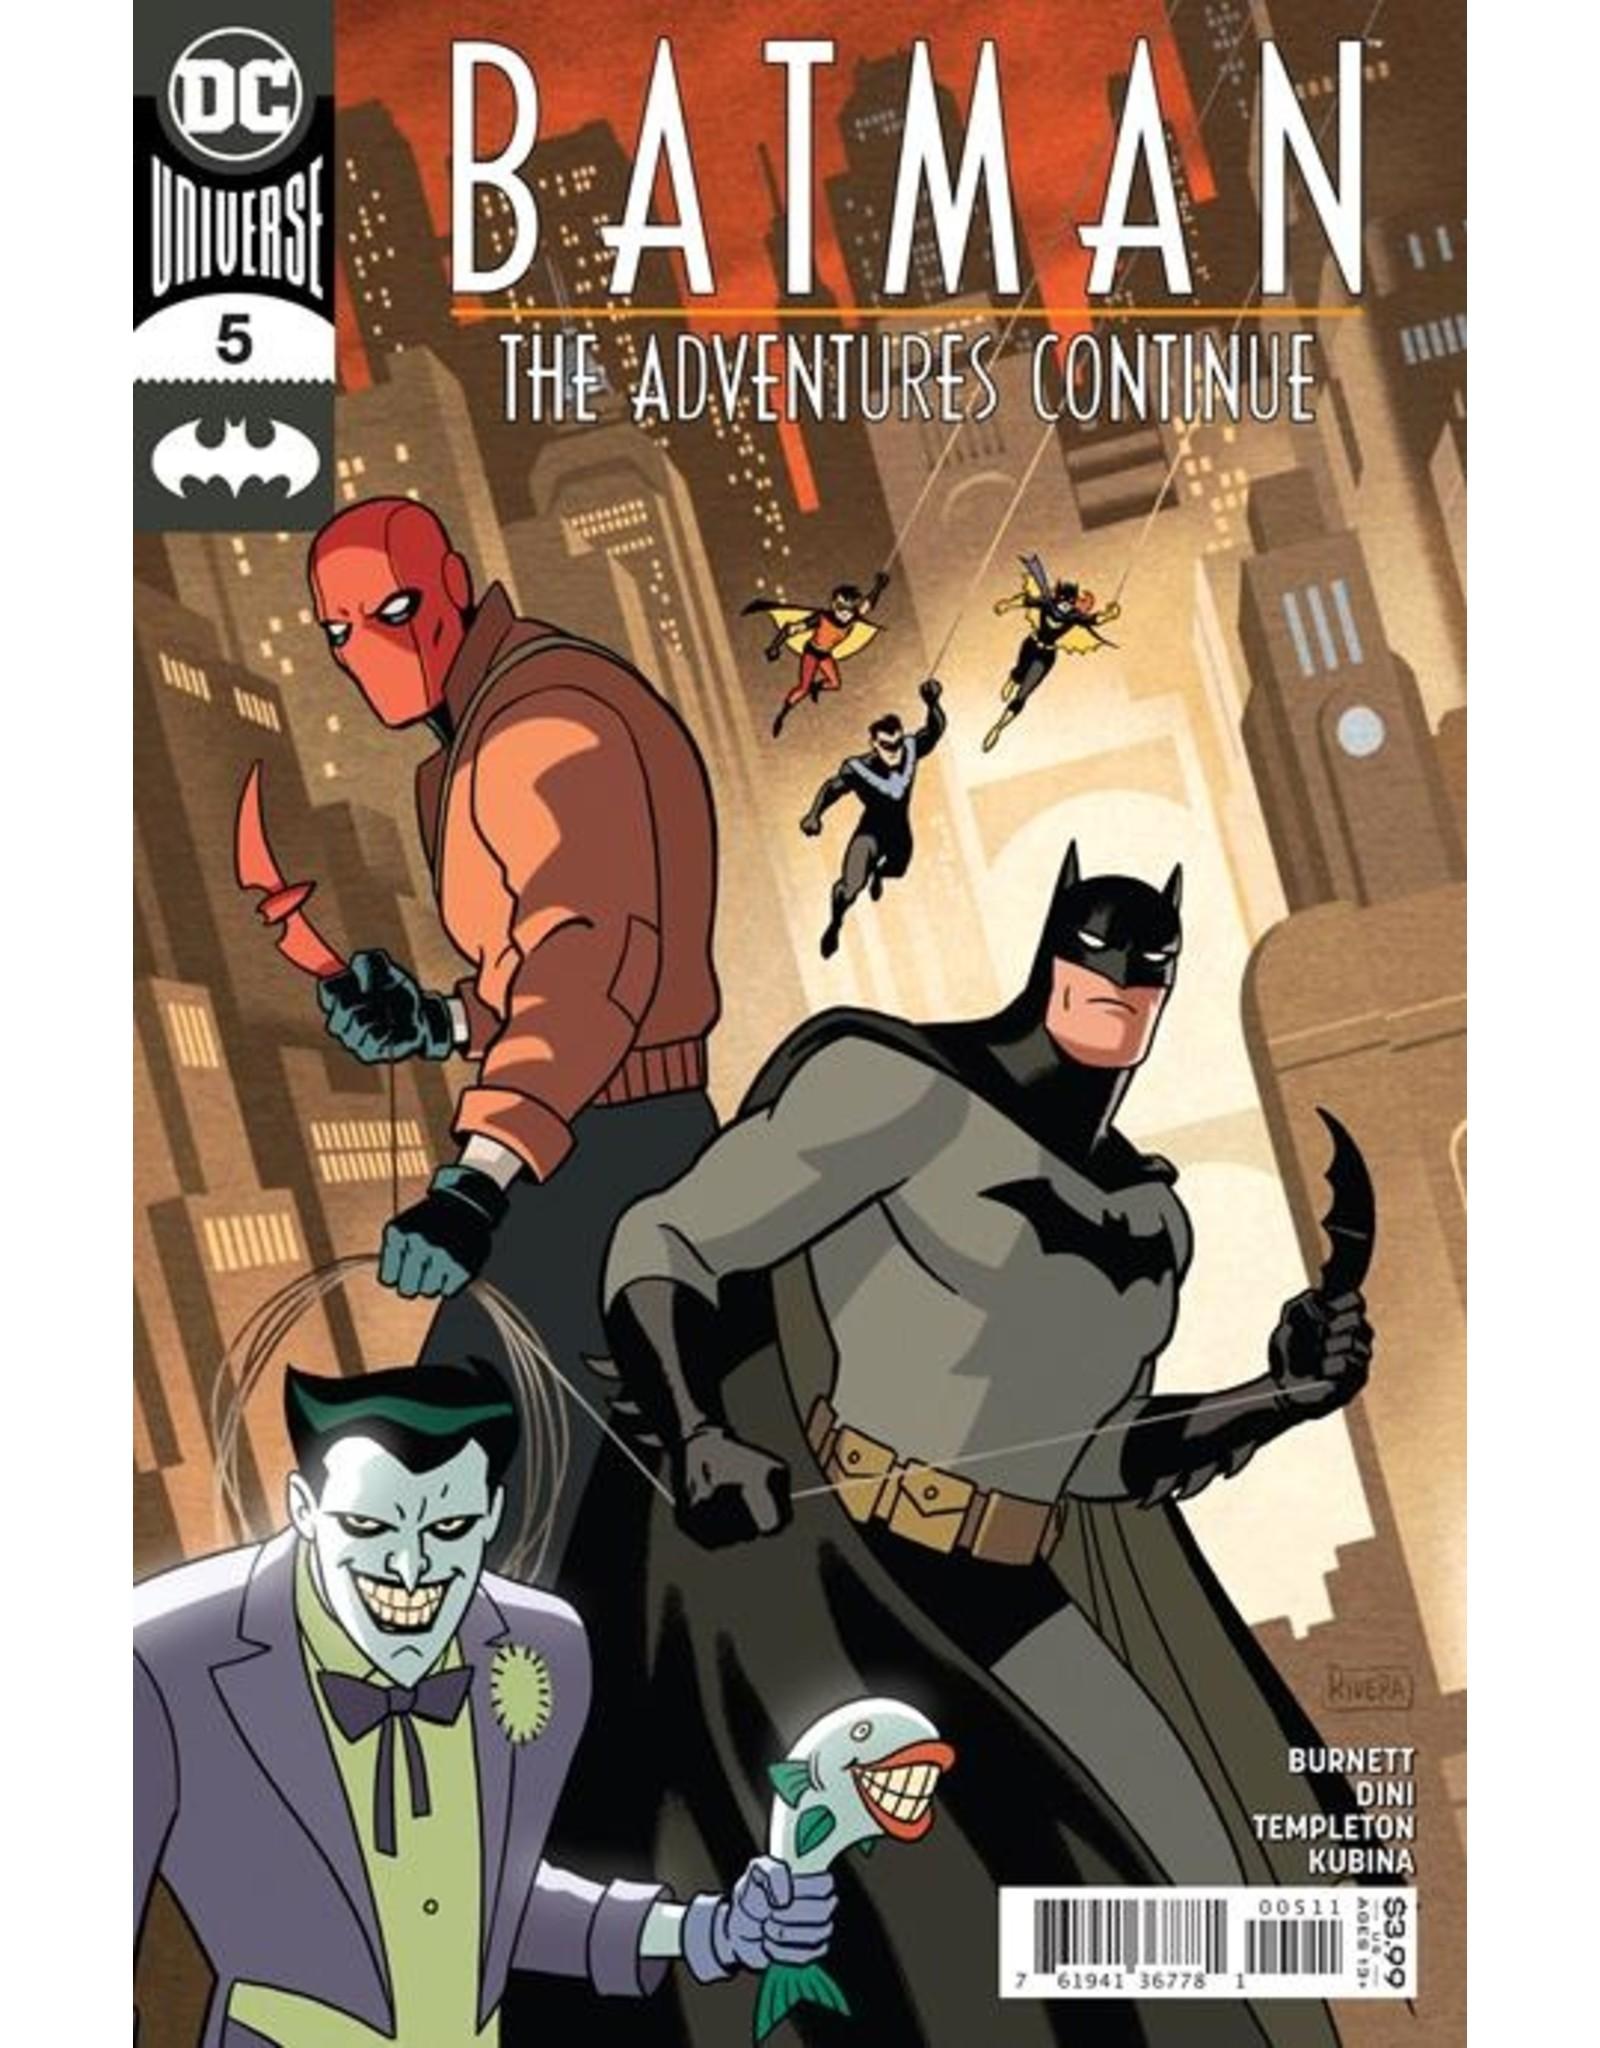 DC COMICS BATMAN THE ADVENTURES CONTINUE #5 (OF 7) CVR A PAOLO RIVERA & JOE RIVERA